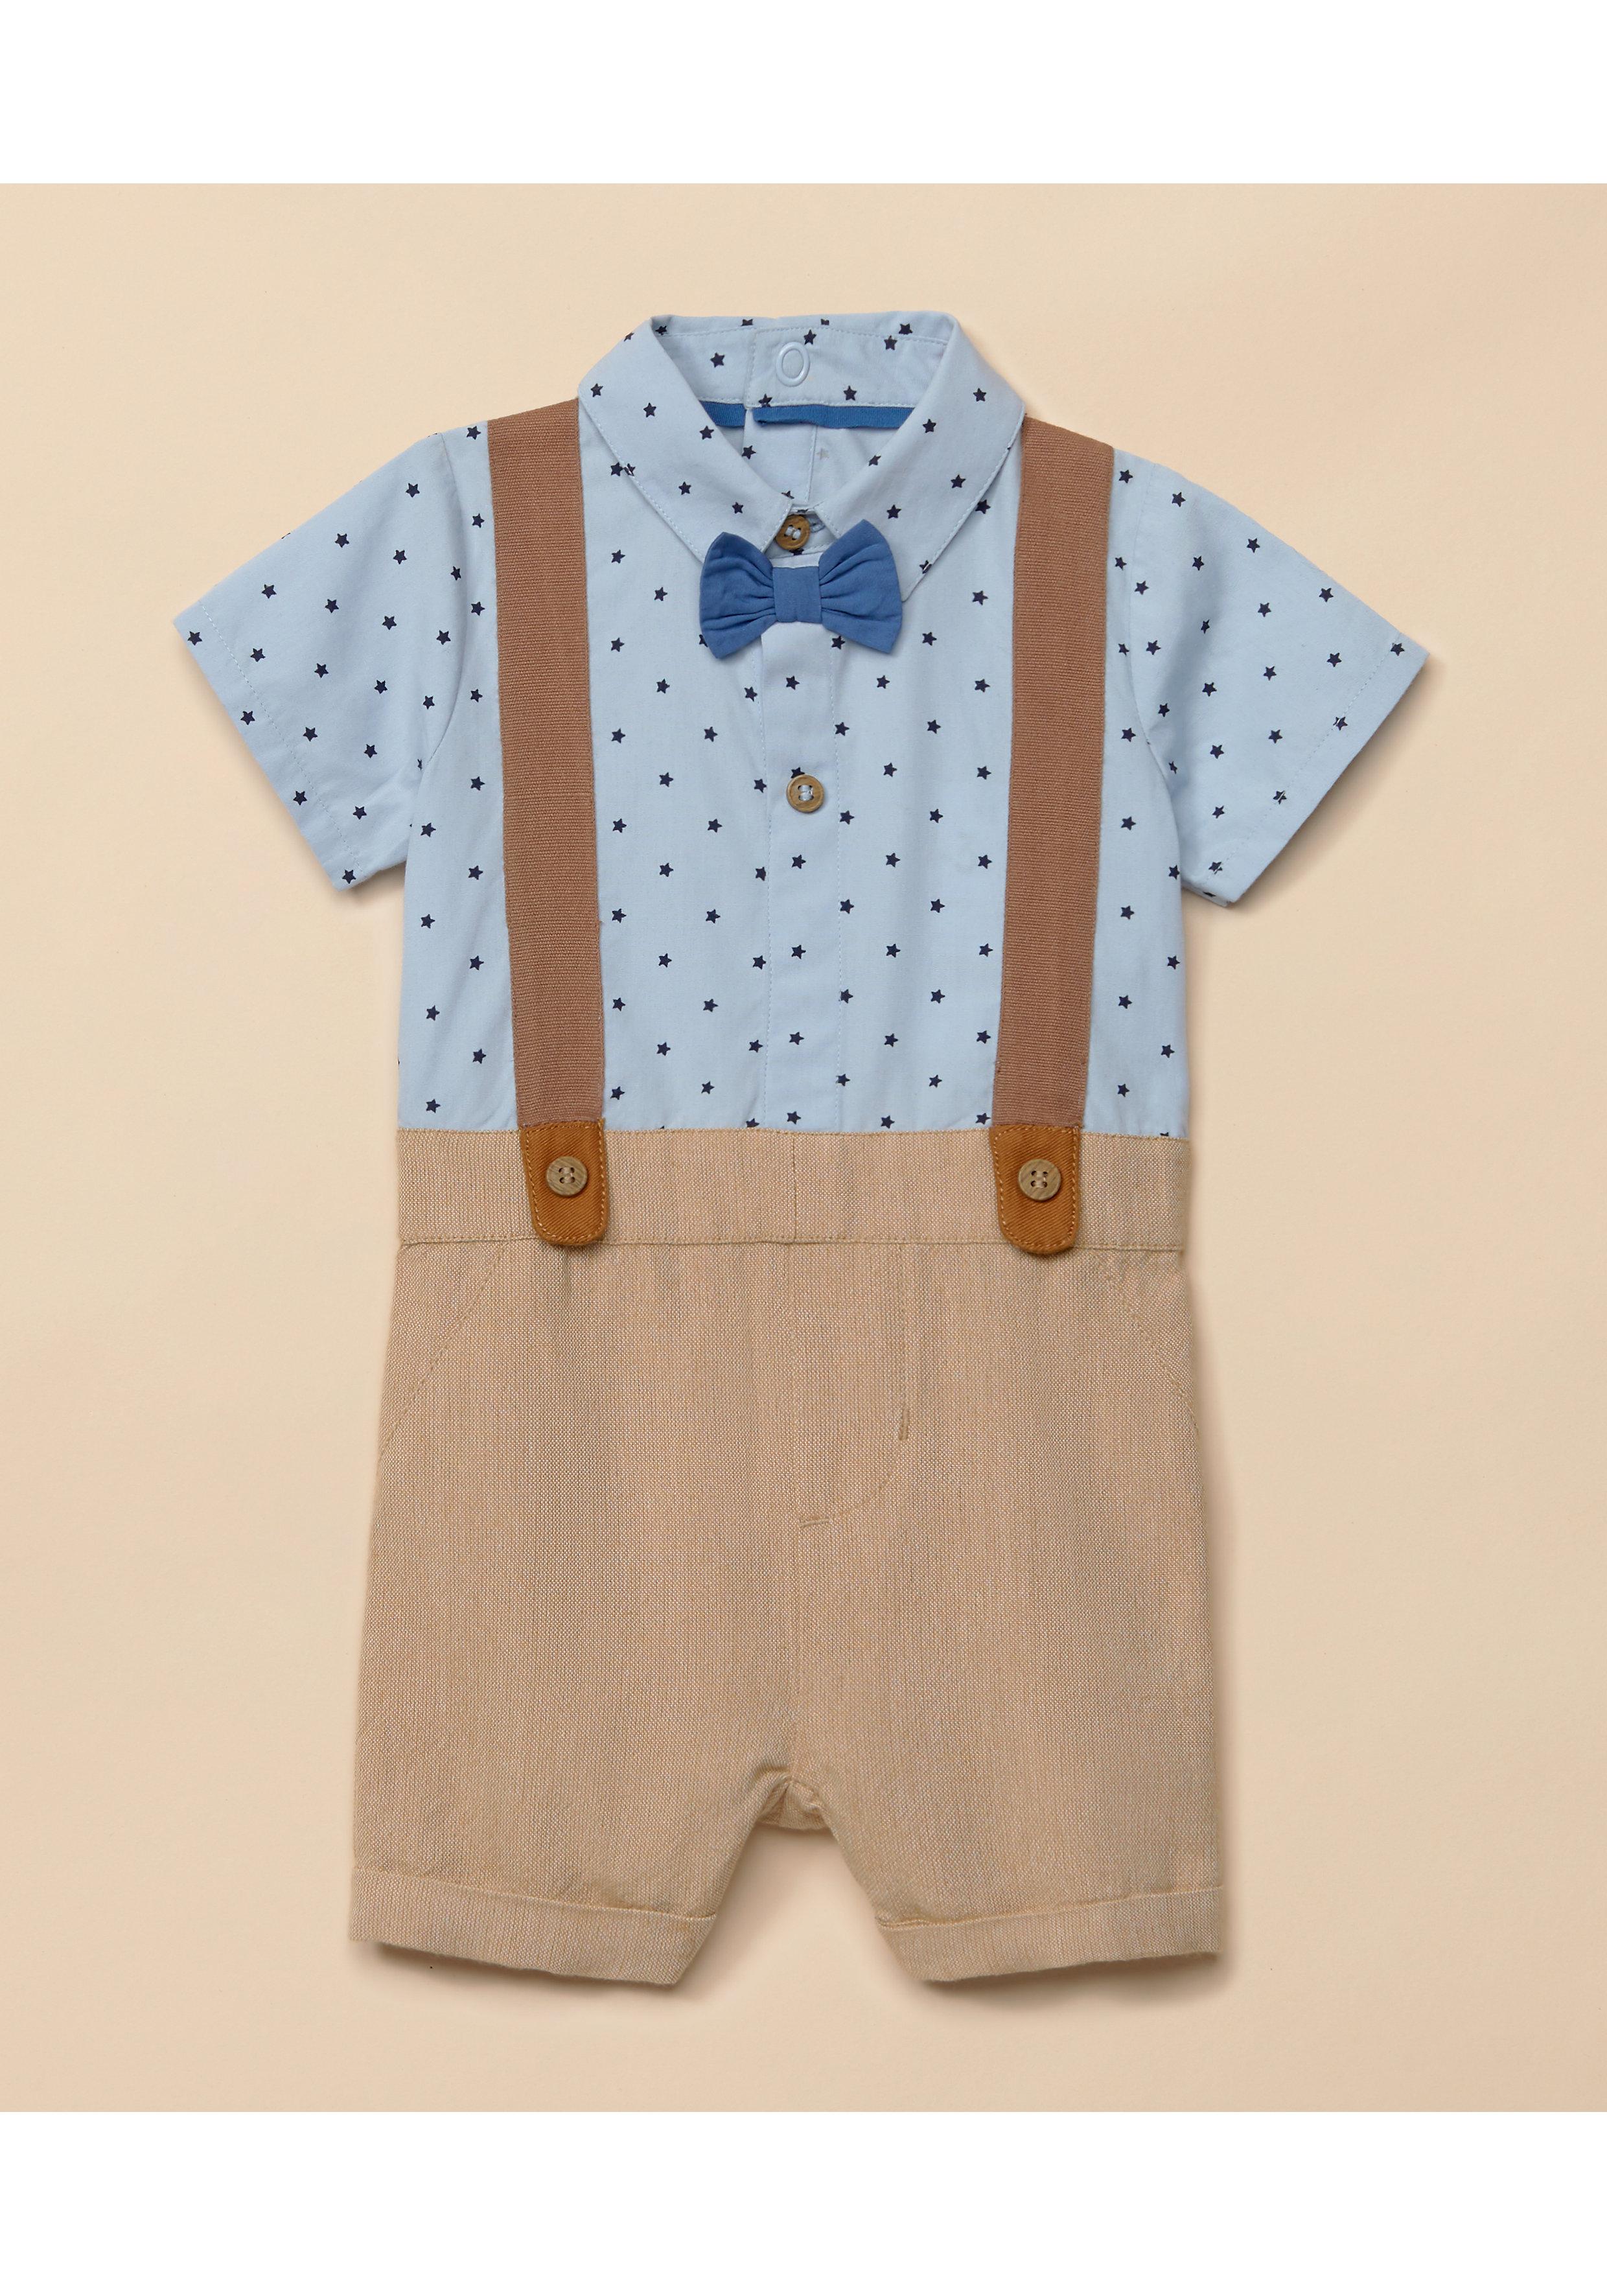 Mothercare | Boys Half Sleeves Braces  Romper - Blue Brown